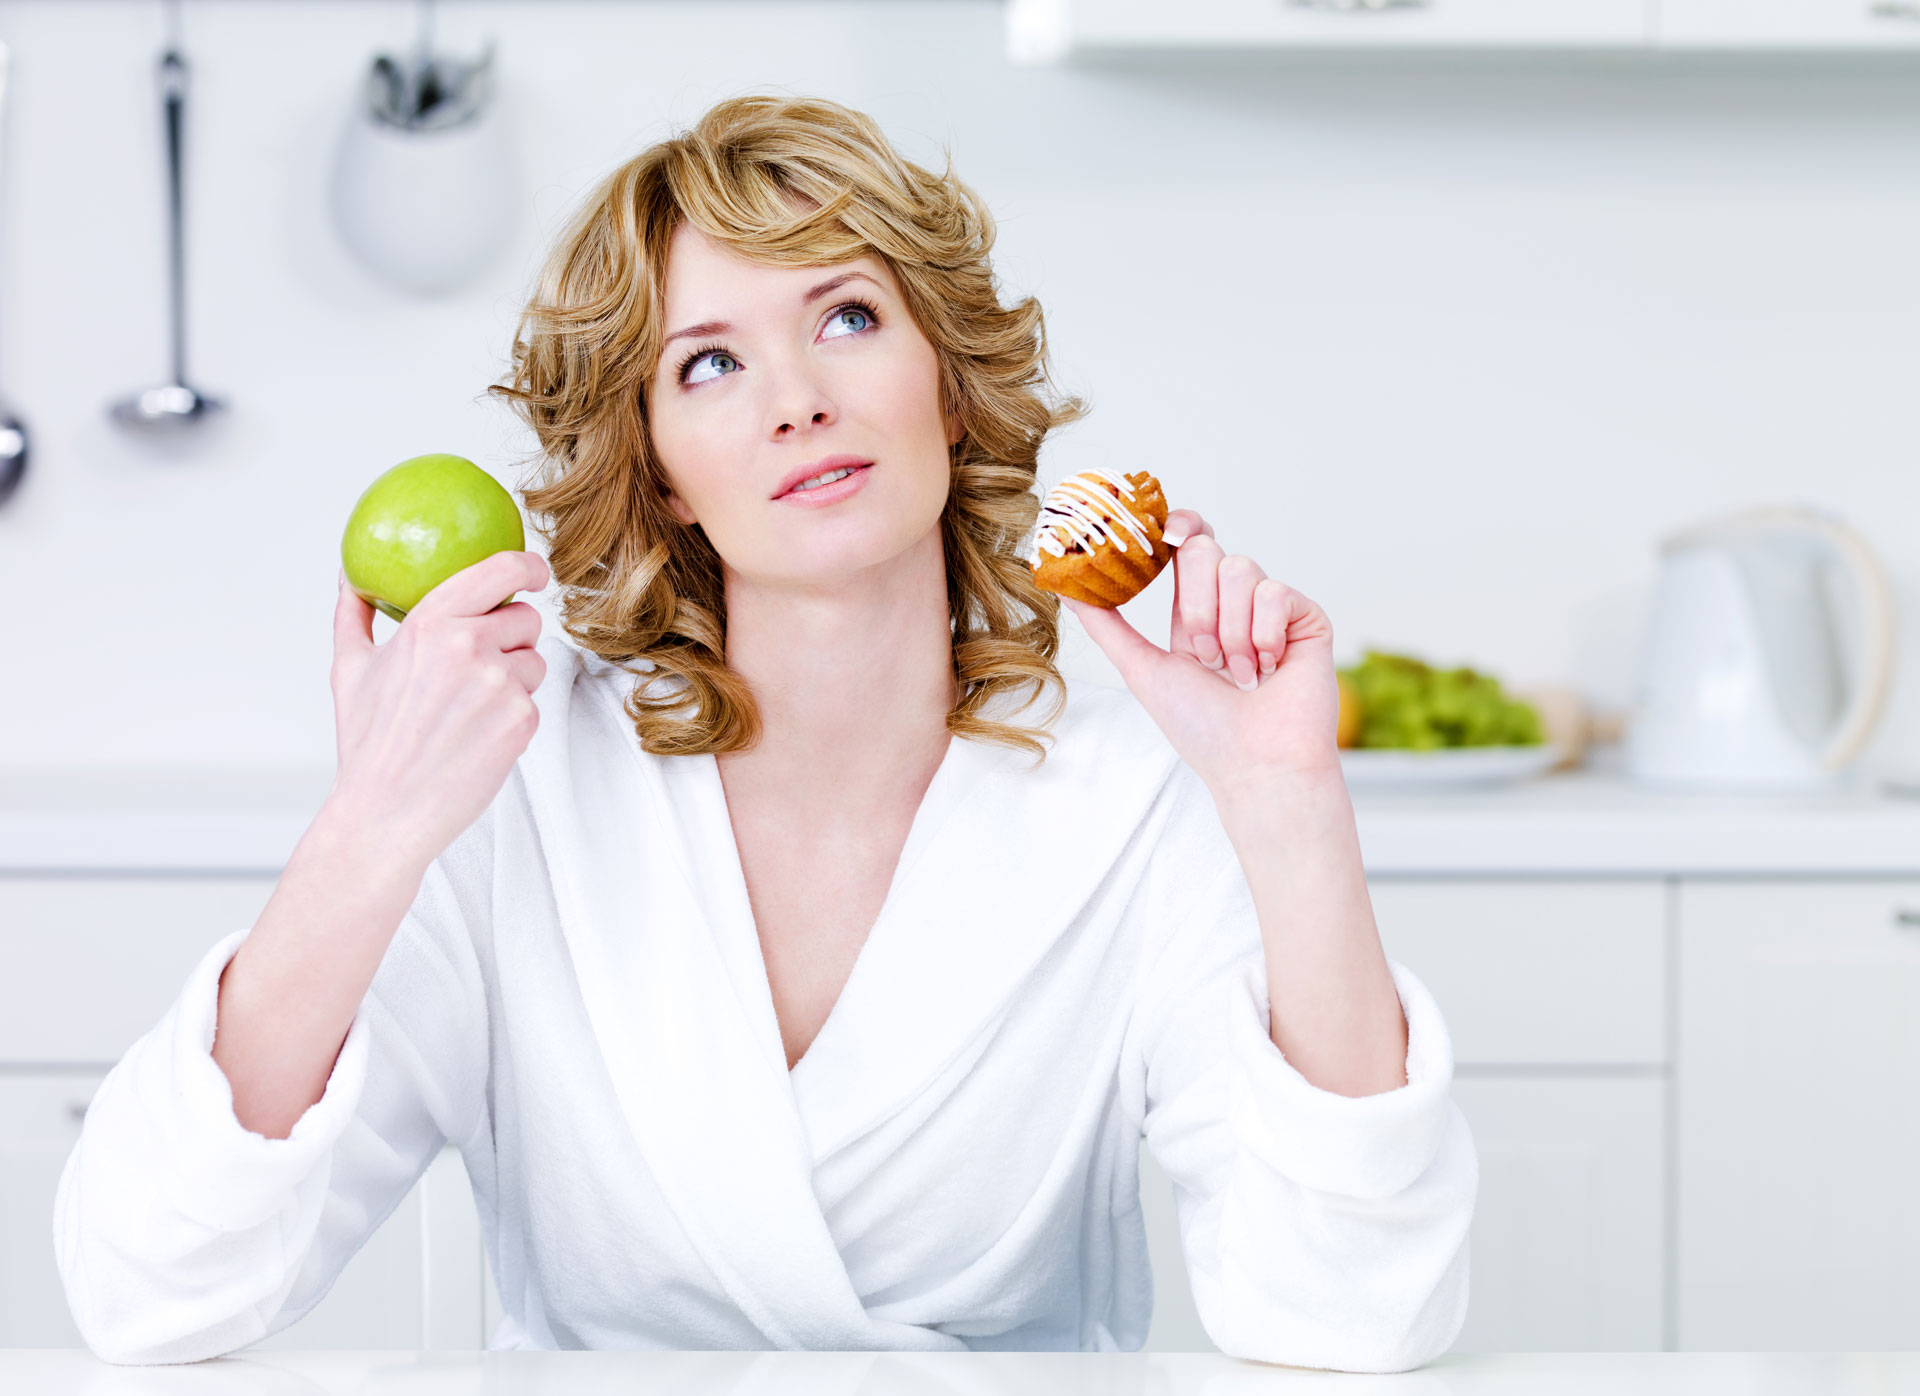 Топ-20 диетических ПП-рецептов обедов для похудения